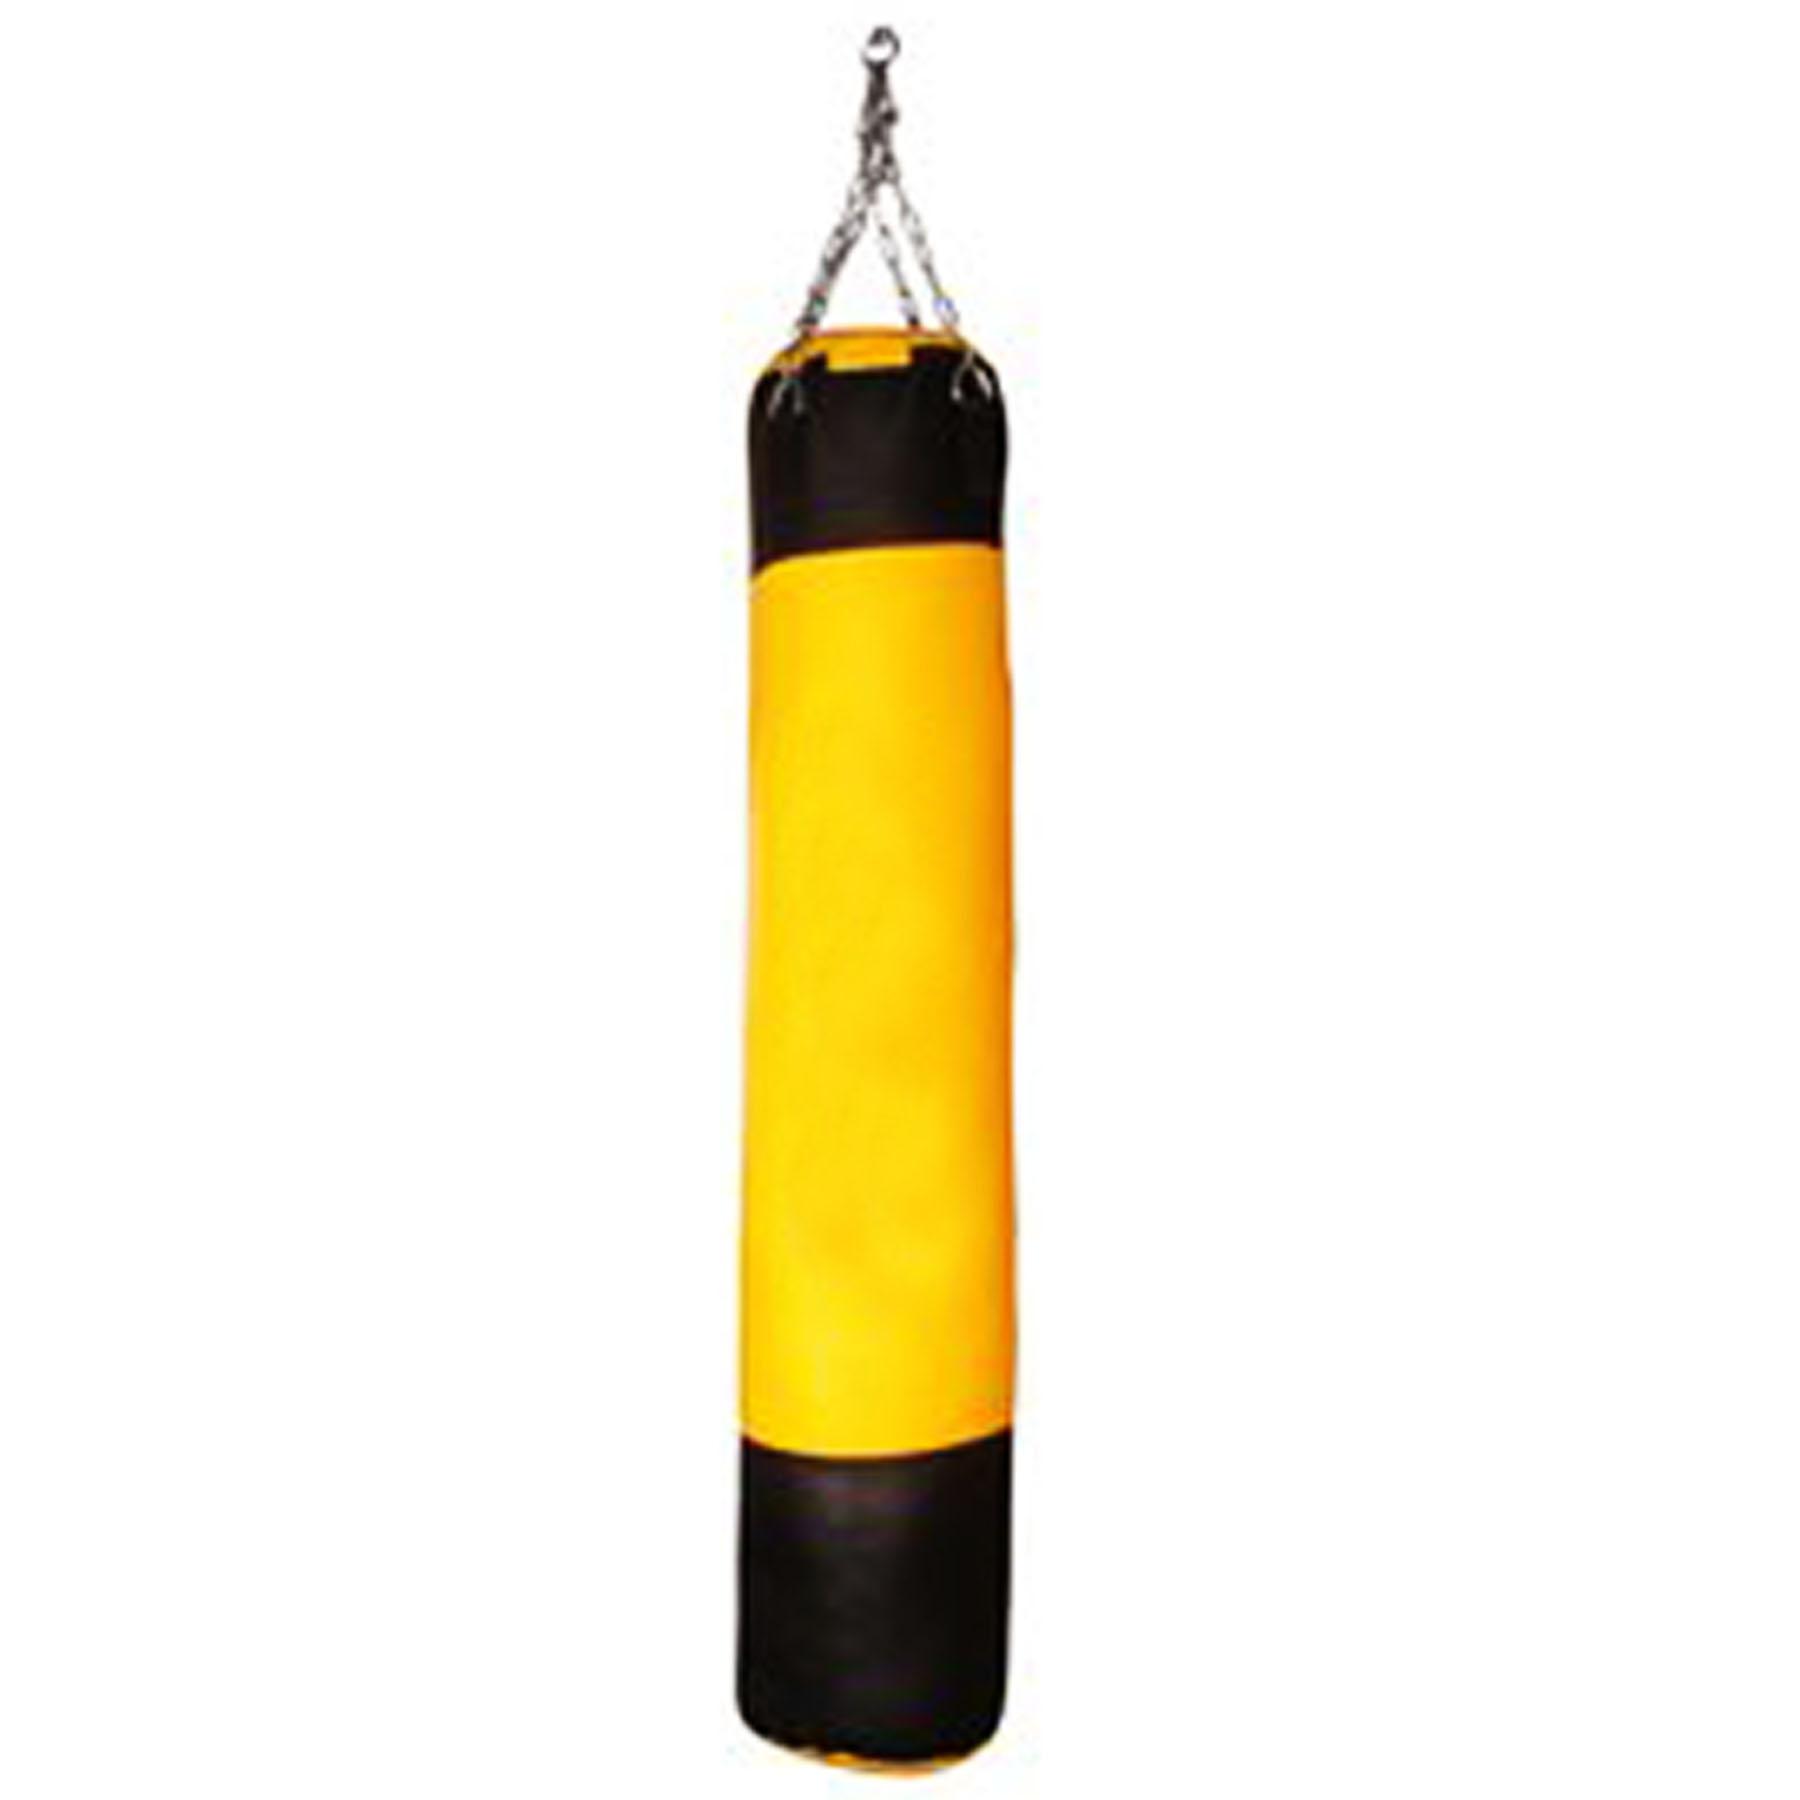 كيس ملاكمة التايلاندية التدريب اللياقة البدنية Mma ركلة القتال كيس الرمل لكمة Buy Cheap Boxing Equipment Custom Sandbag Punching Bag Microfiber Leather Kick Boxing Punching Bag Heavybag Sandbag Boxing Stand Sandbag Punching Sand Bag